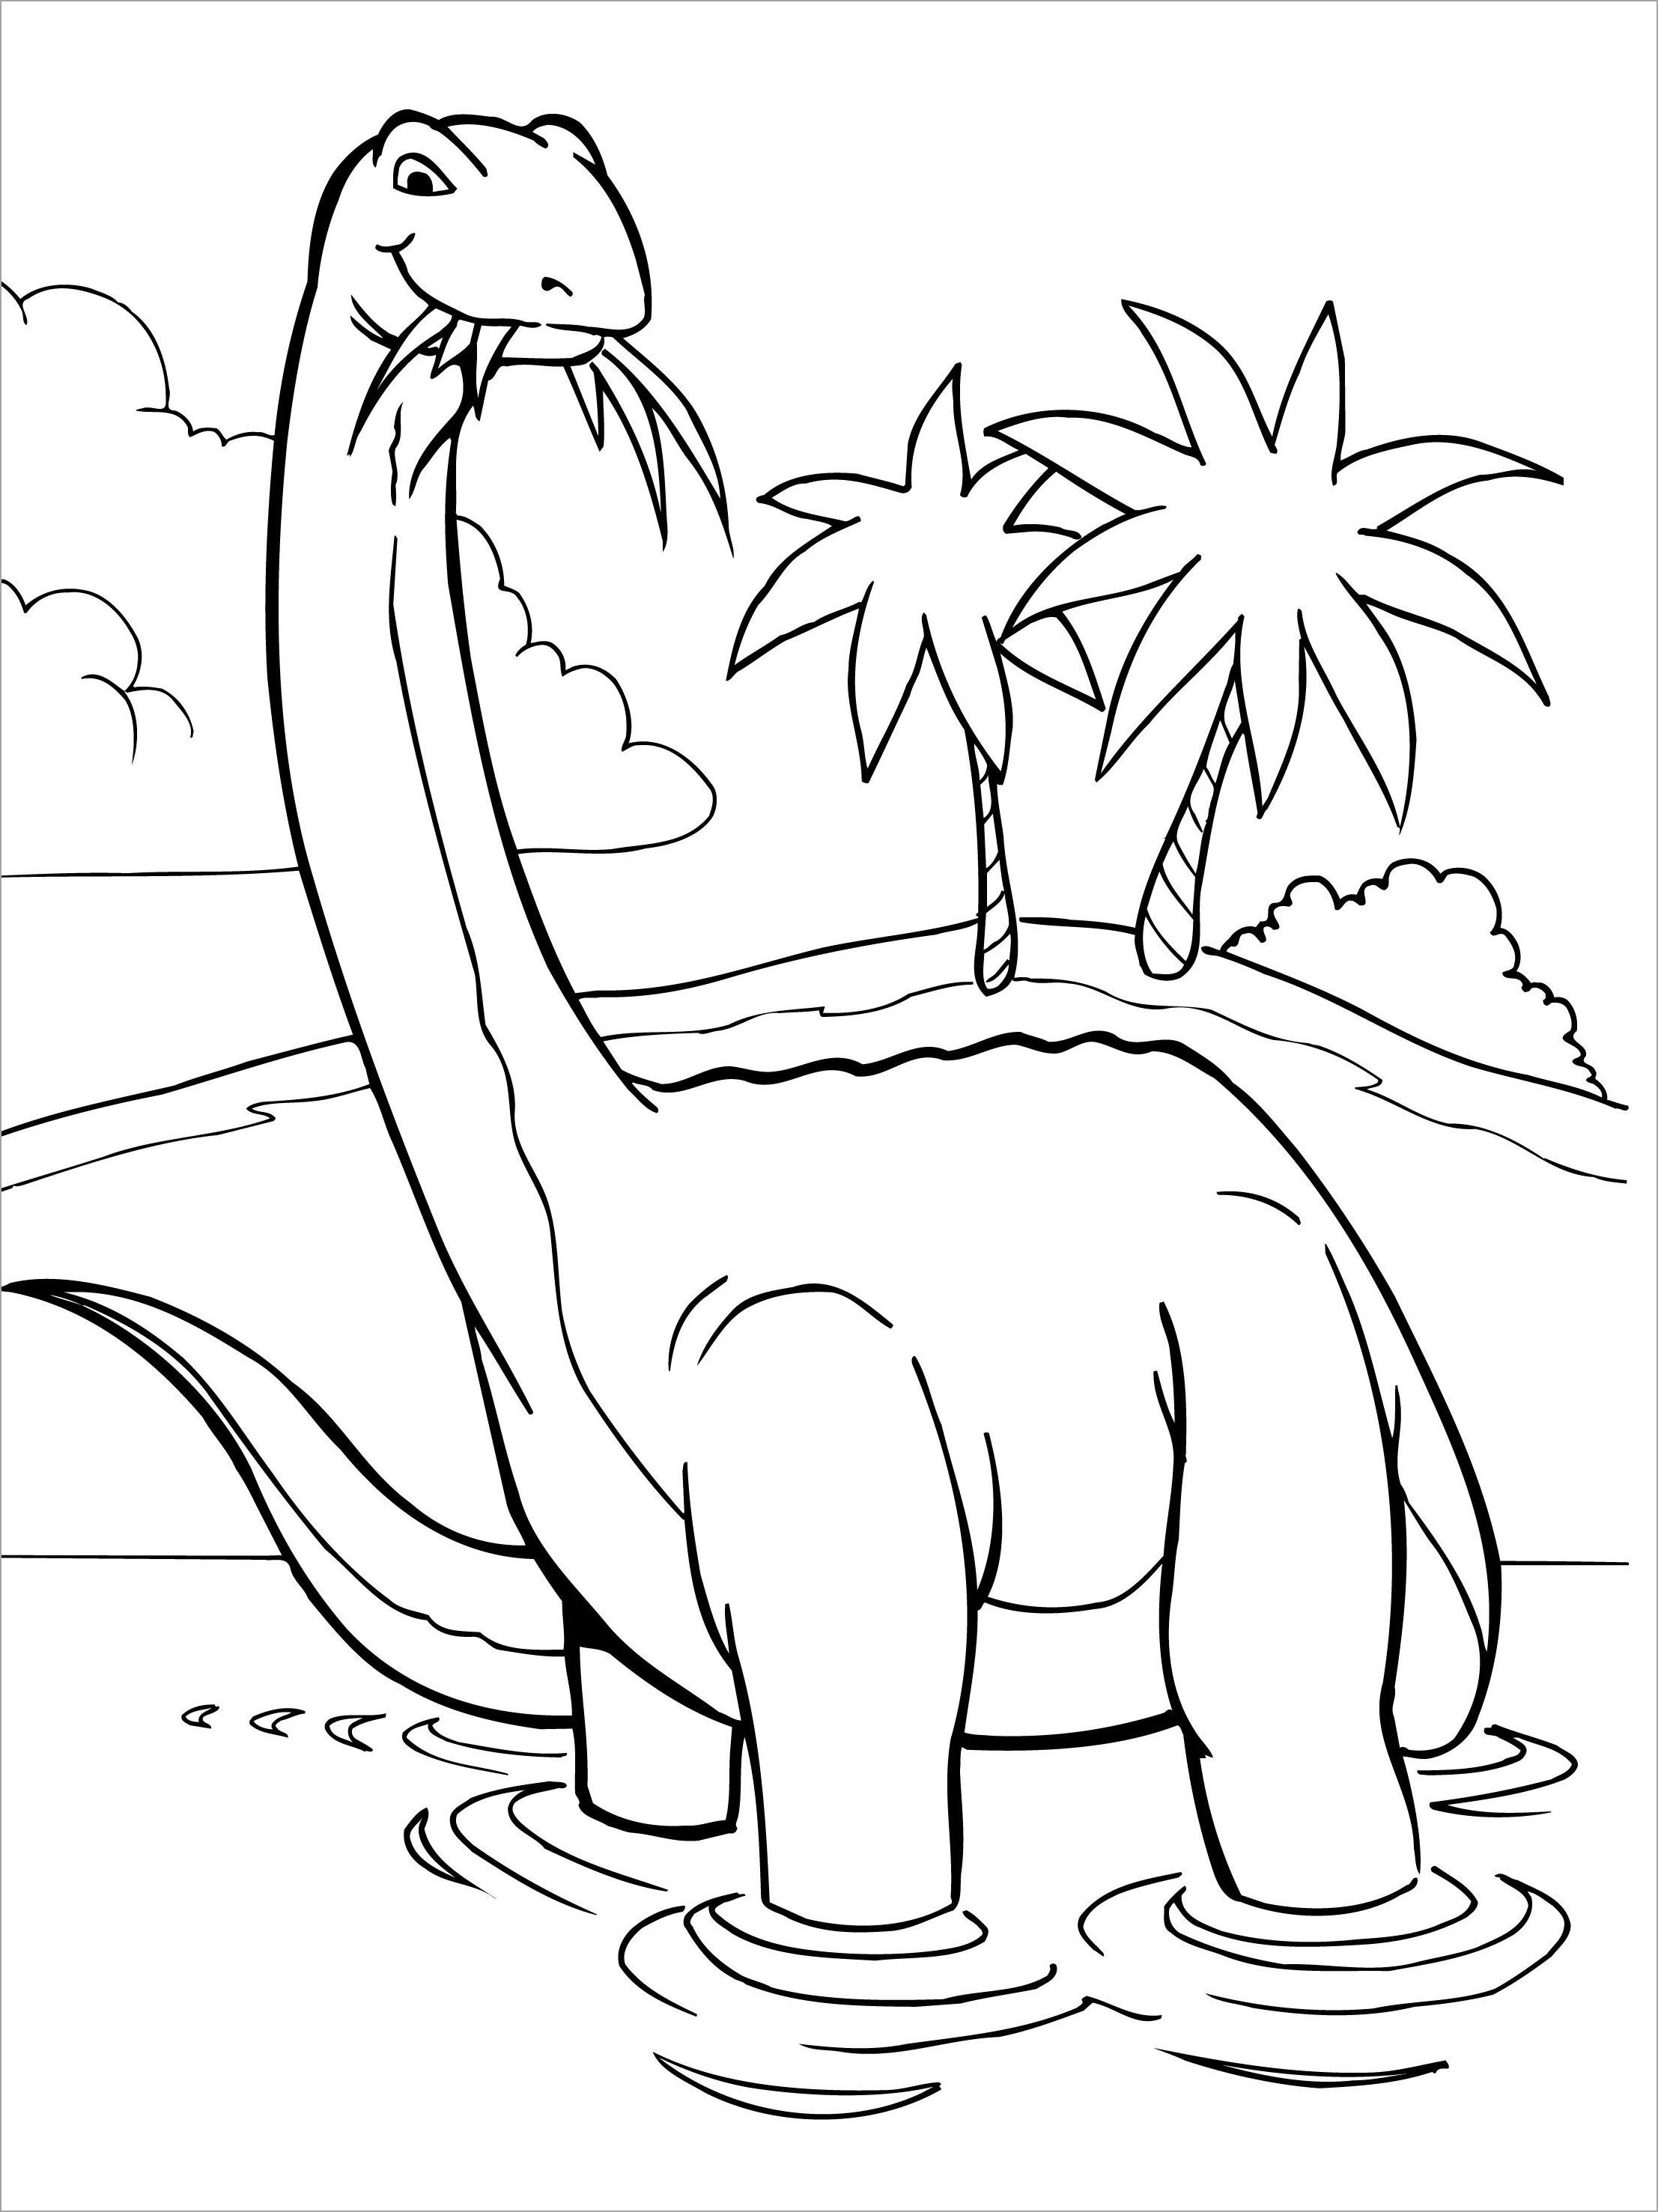 Tranh tô màu khủng long tuyệt đẹp